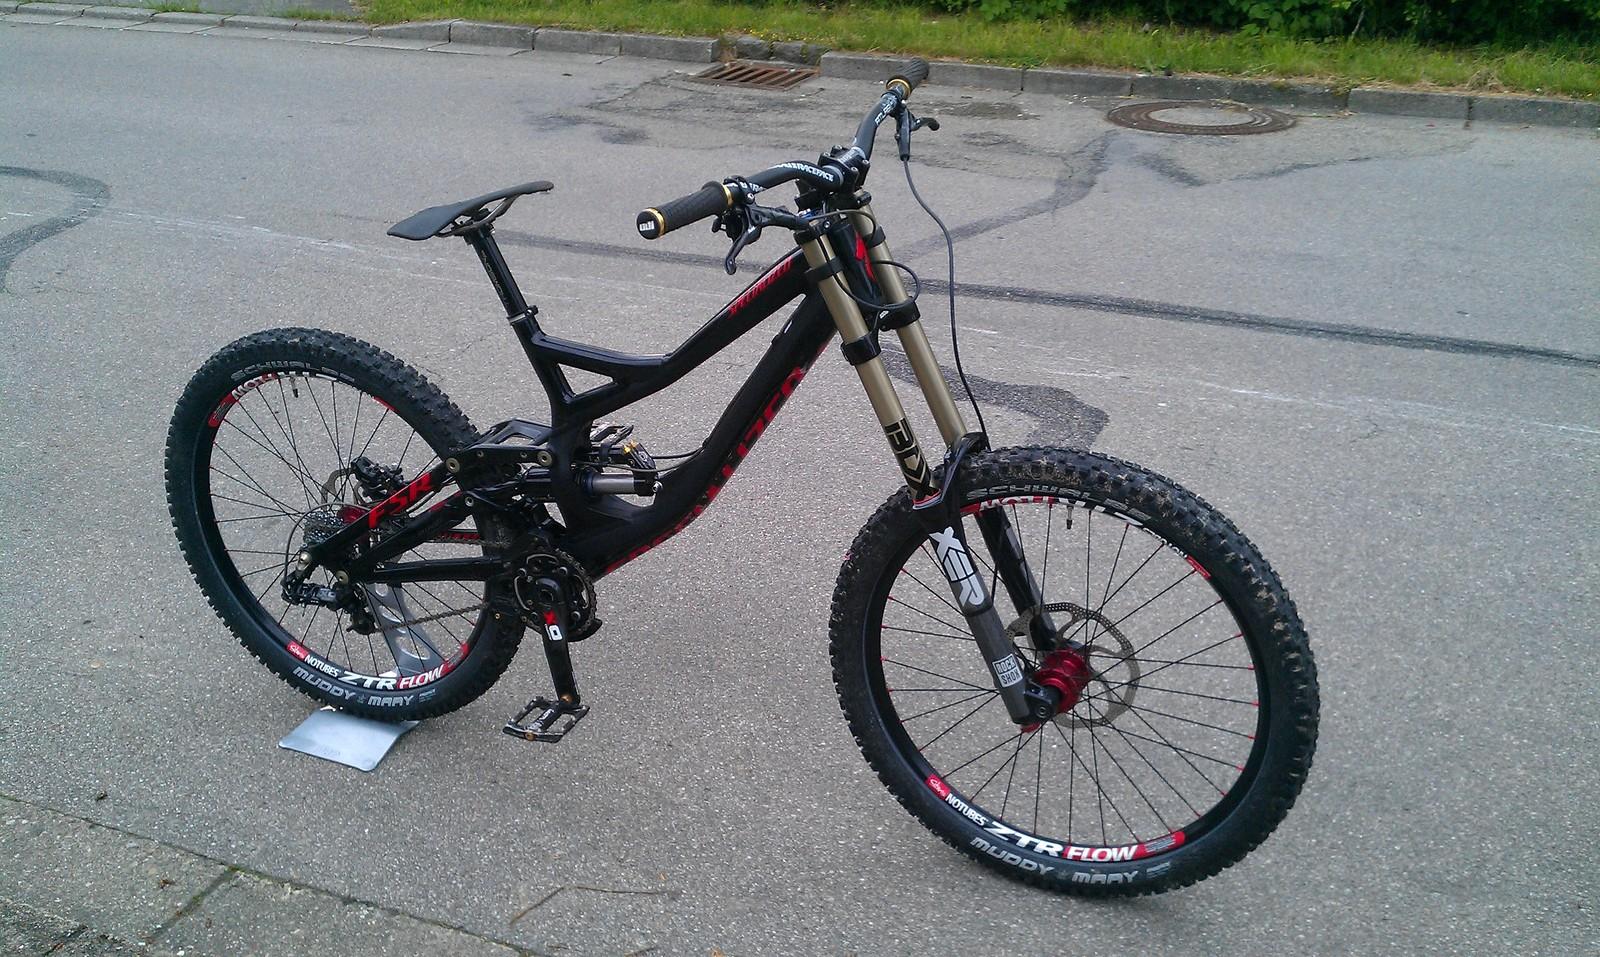 Specialized Demo 8 2013 custom 15,10 kg